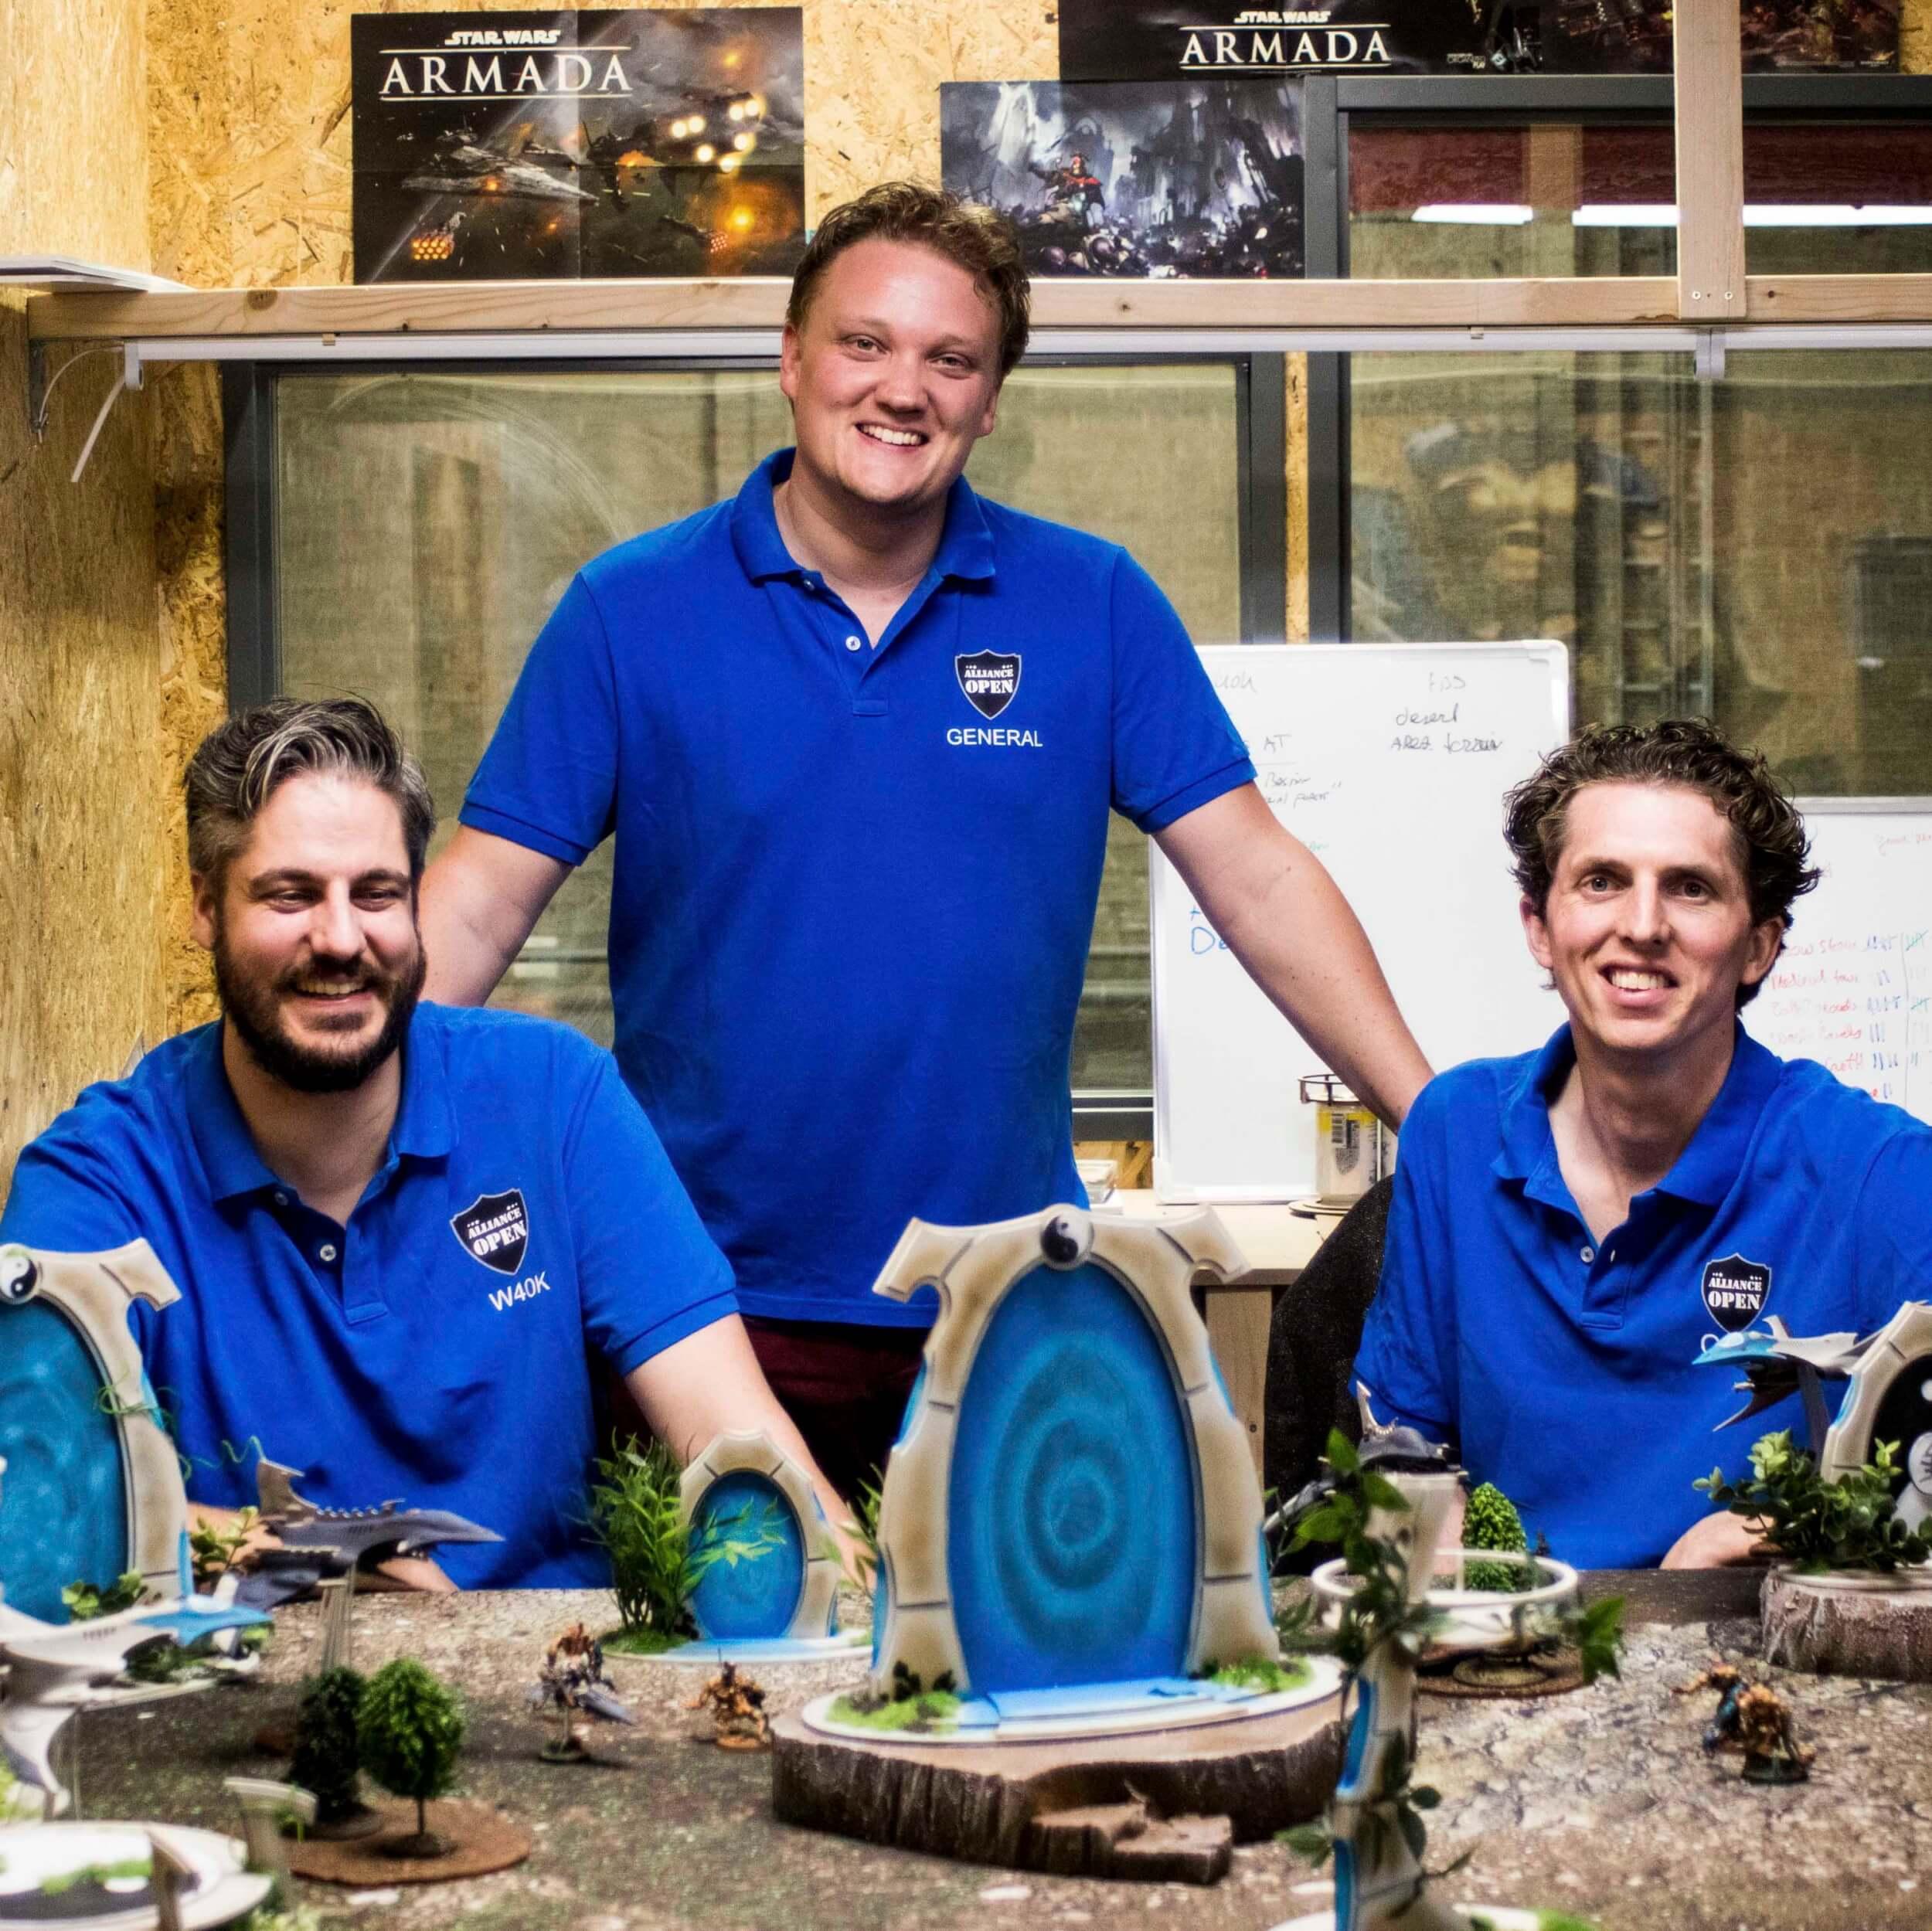 """Q&A met Martijn Meijer, Cees Jan Stam en Dennie Nuijten van TableTop Alliance: """"Van een uit de hand gelopen hobby naar een van de snelst groeiende Tabletop Wargaming evenement organisaties in Europa."""""""